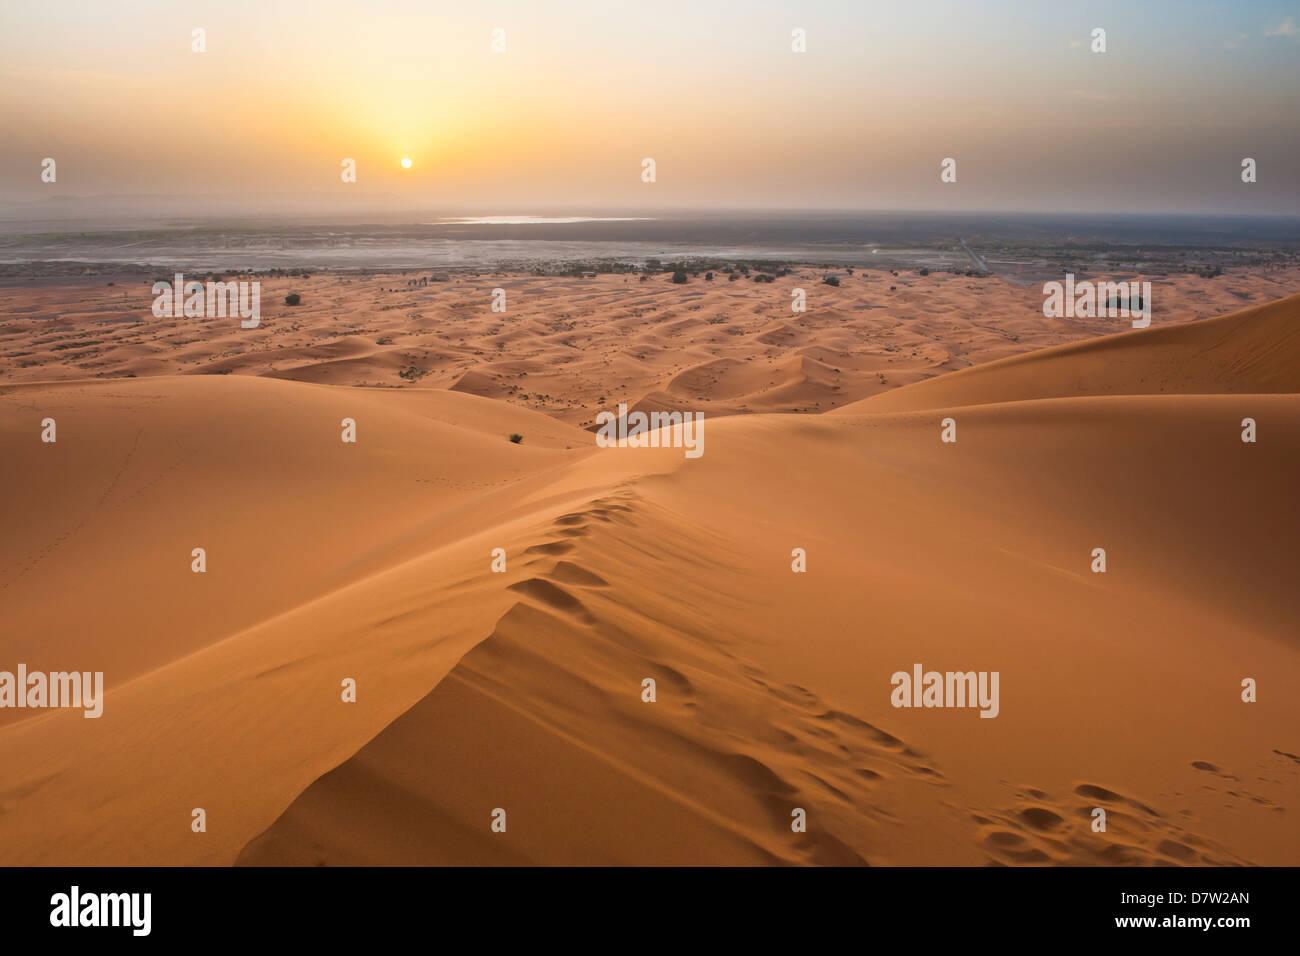 Sonnenuntergang am Erg Chebbi Wüste von der Spitze einer 150m Sanddüne, Sahara Wüste in der Nähe Stockbild